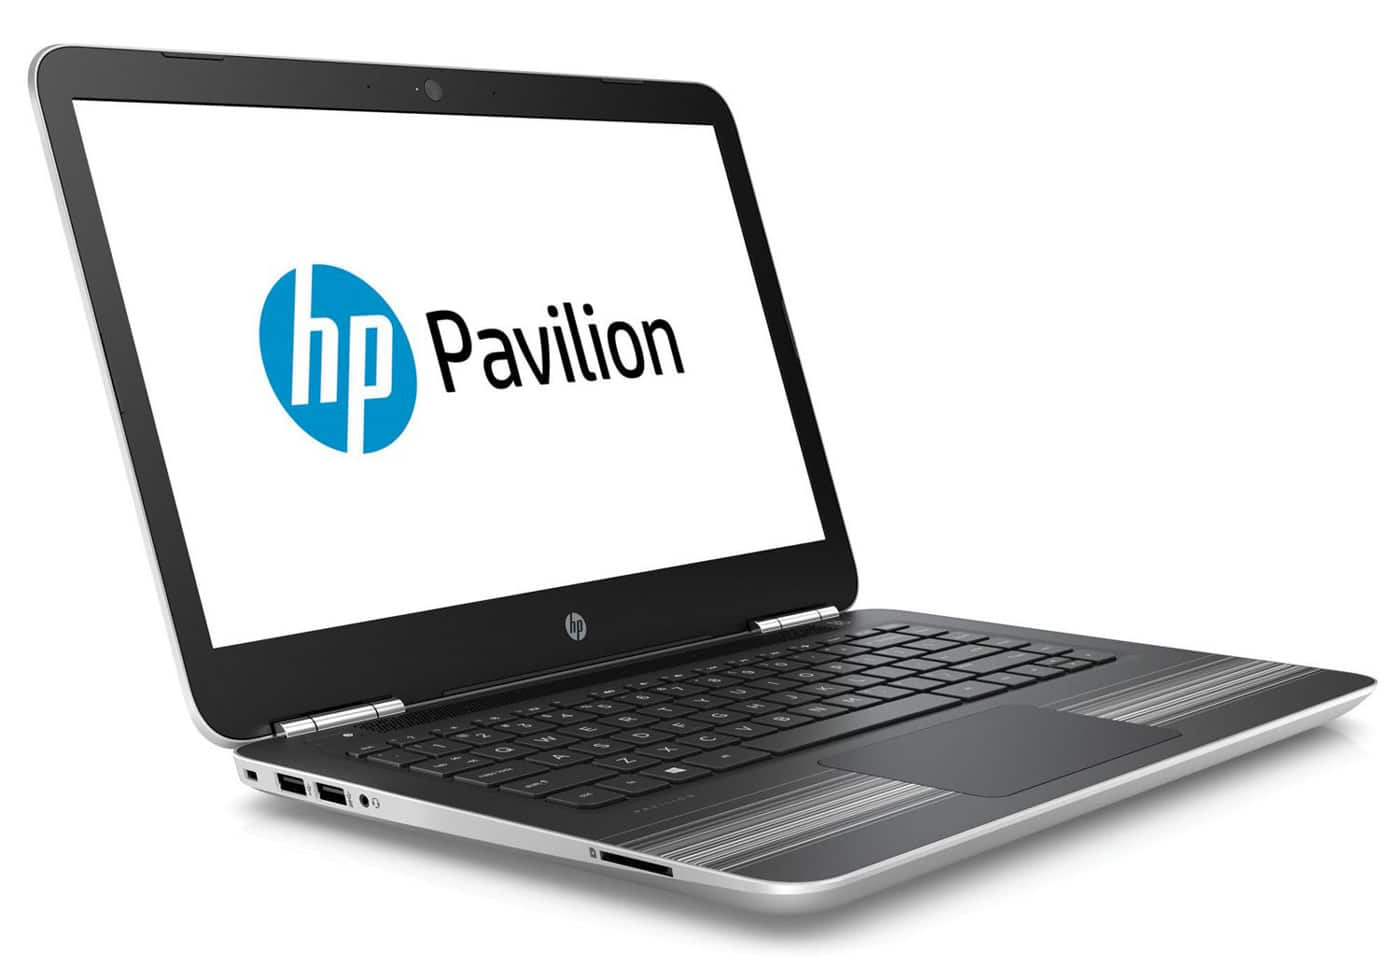 HP Pavilion 14-al006nf, PC portable 14 pouces multimédia i5 Kaby 940MX à 599€